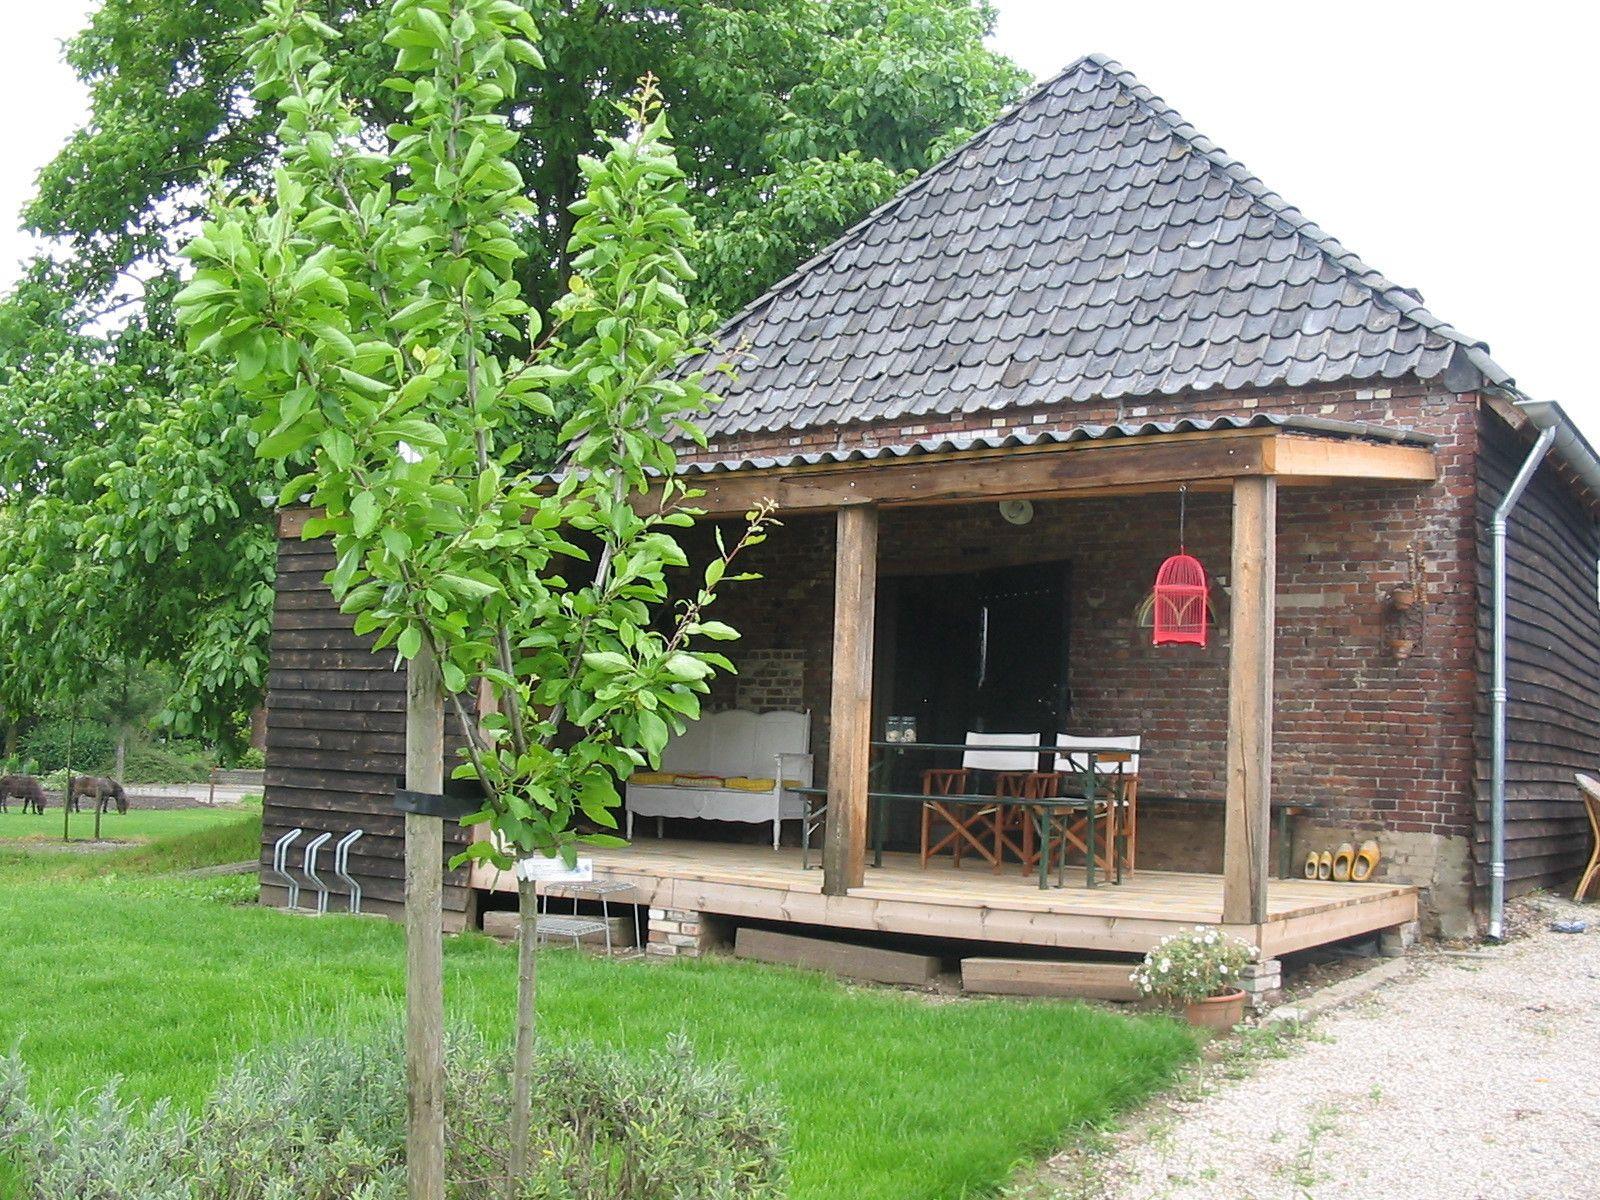 Afbeelding van Ratelpopulier - Achterhuis & Voorhuis vakantiehuis Gelderland